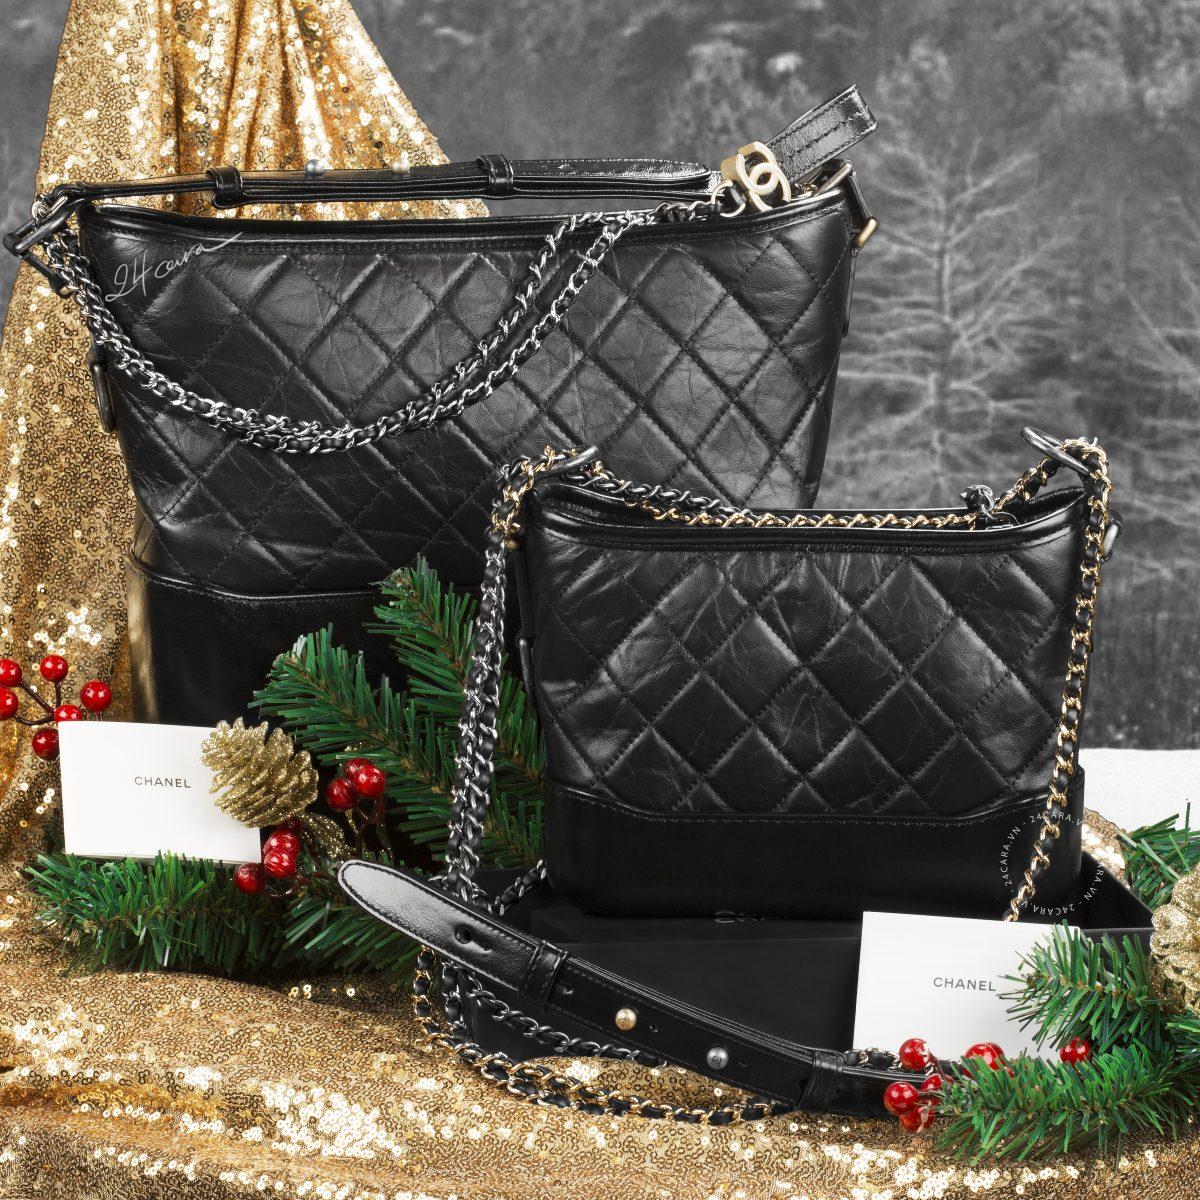 Điều bạn chưa biết về những chiếc túi xách Chanel